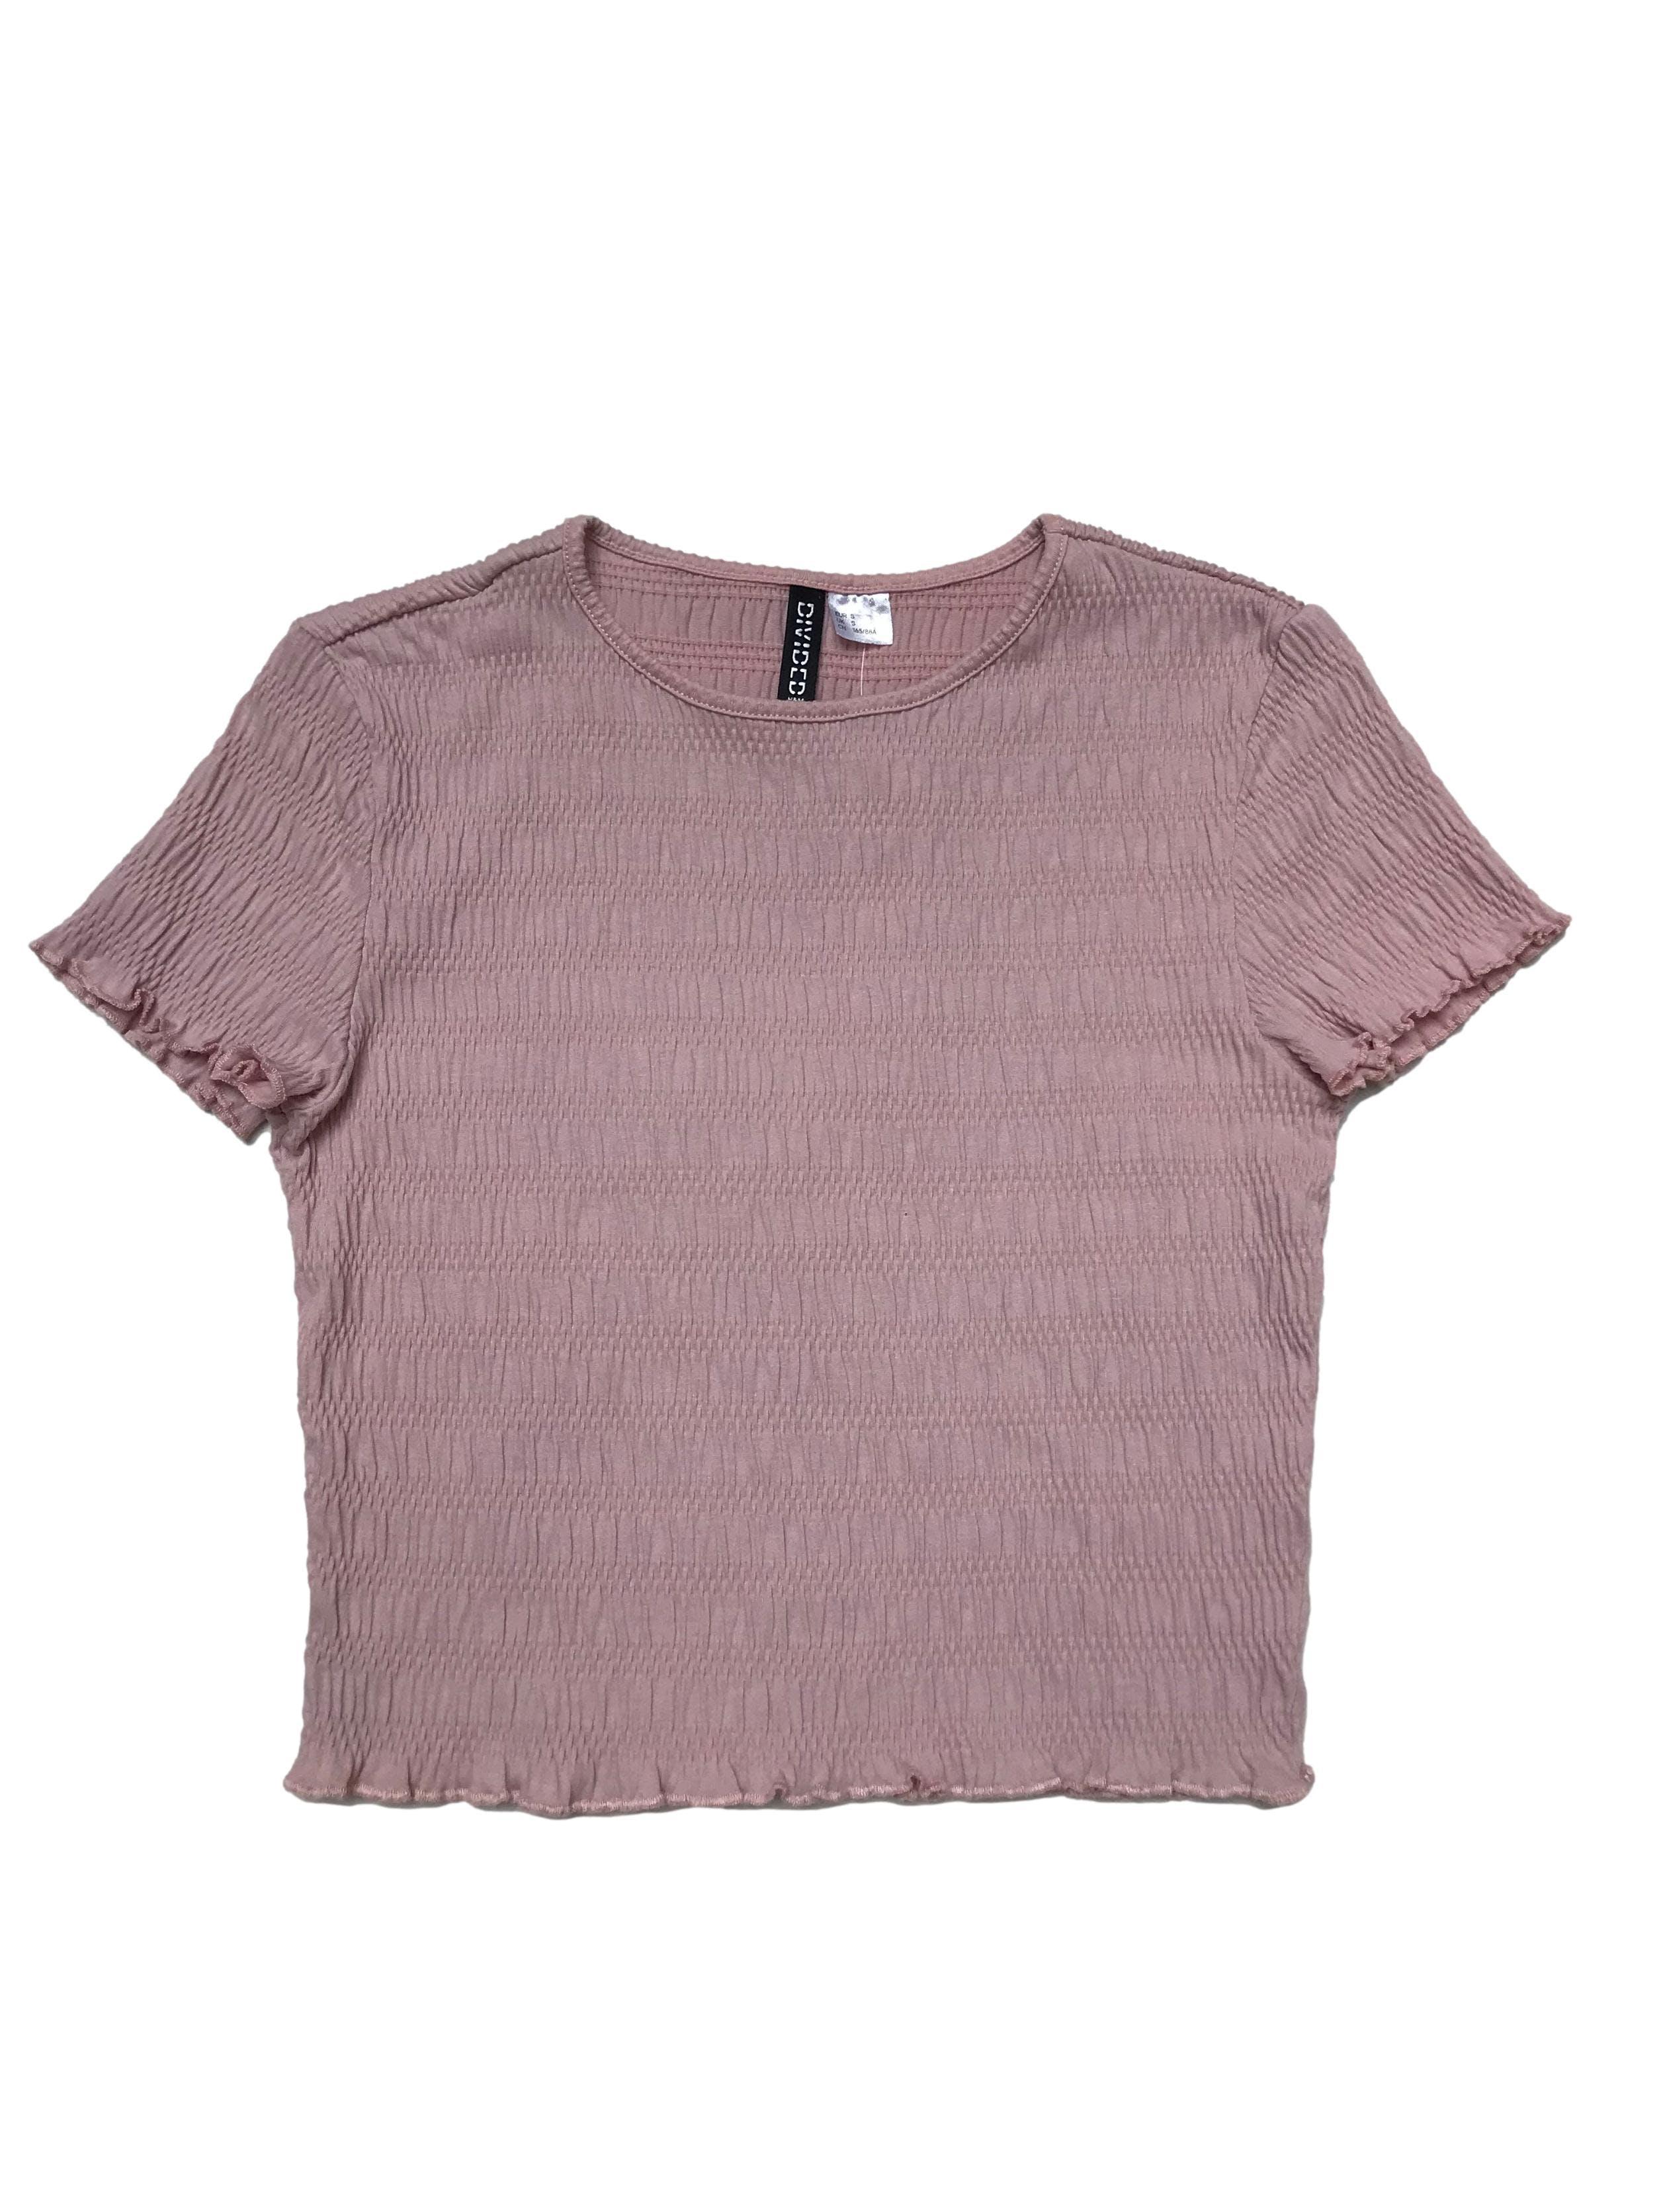 Polo H&M palo rosa con textura corrugada stretch. Largo 40cm